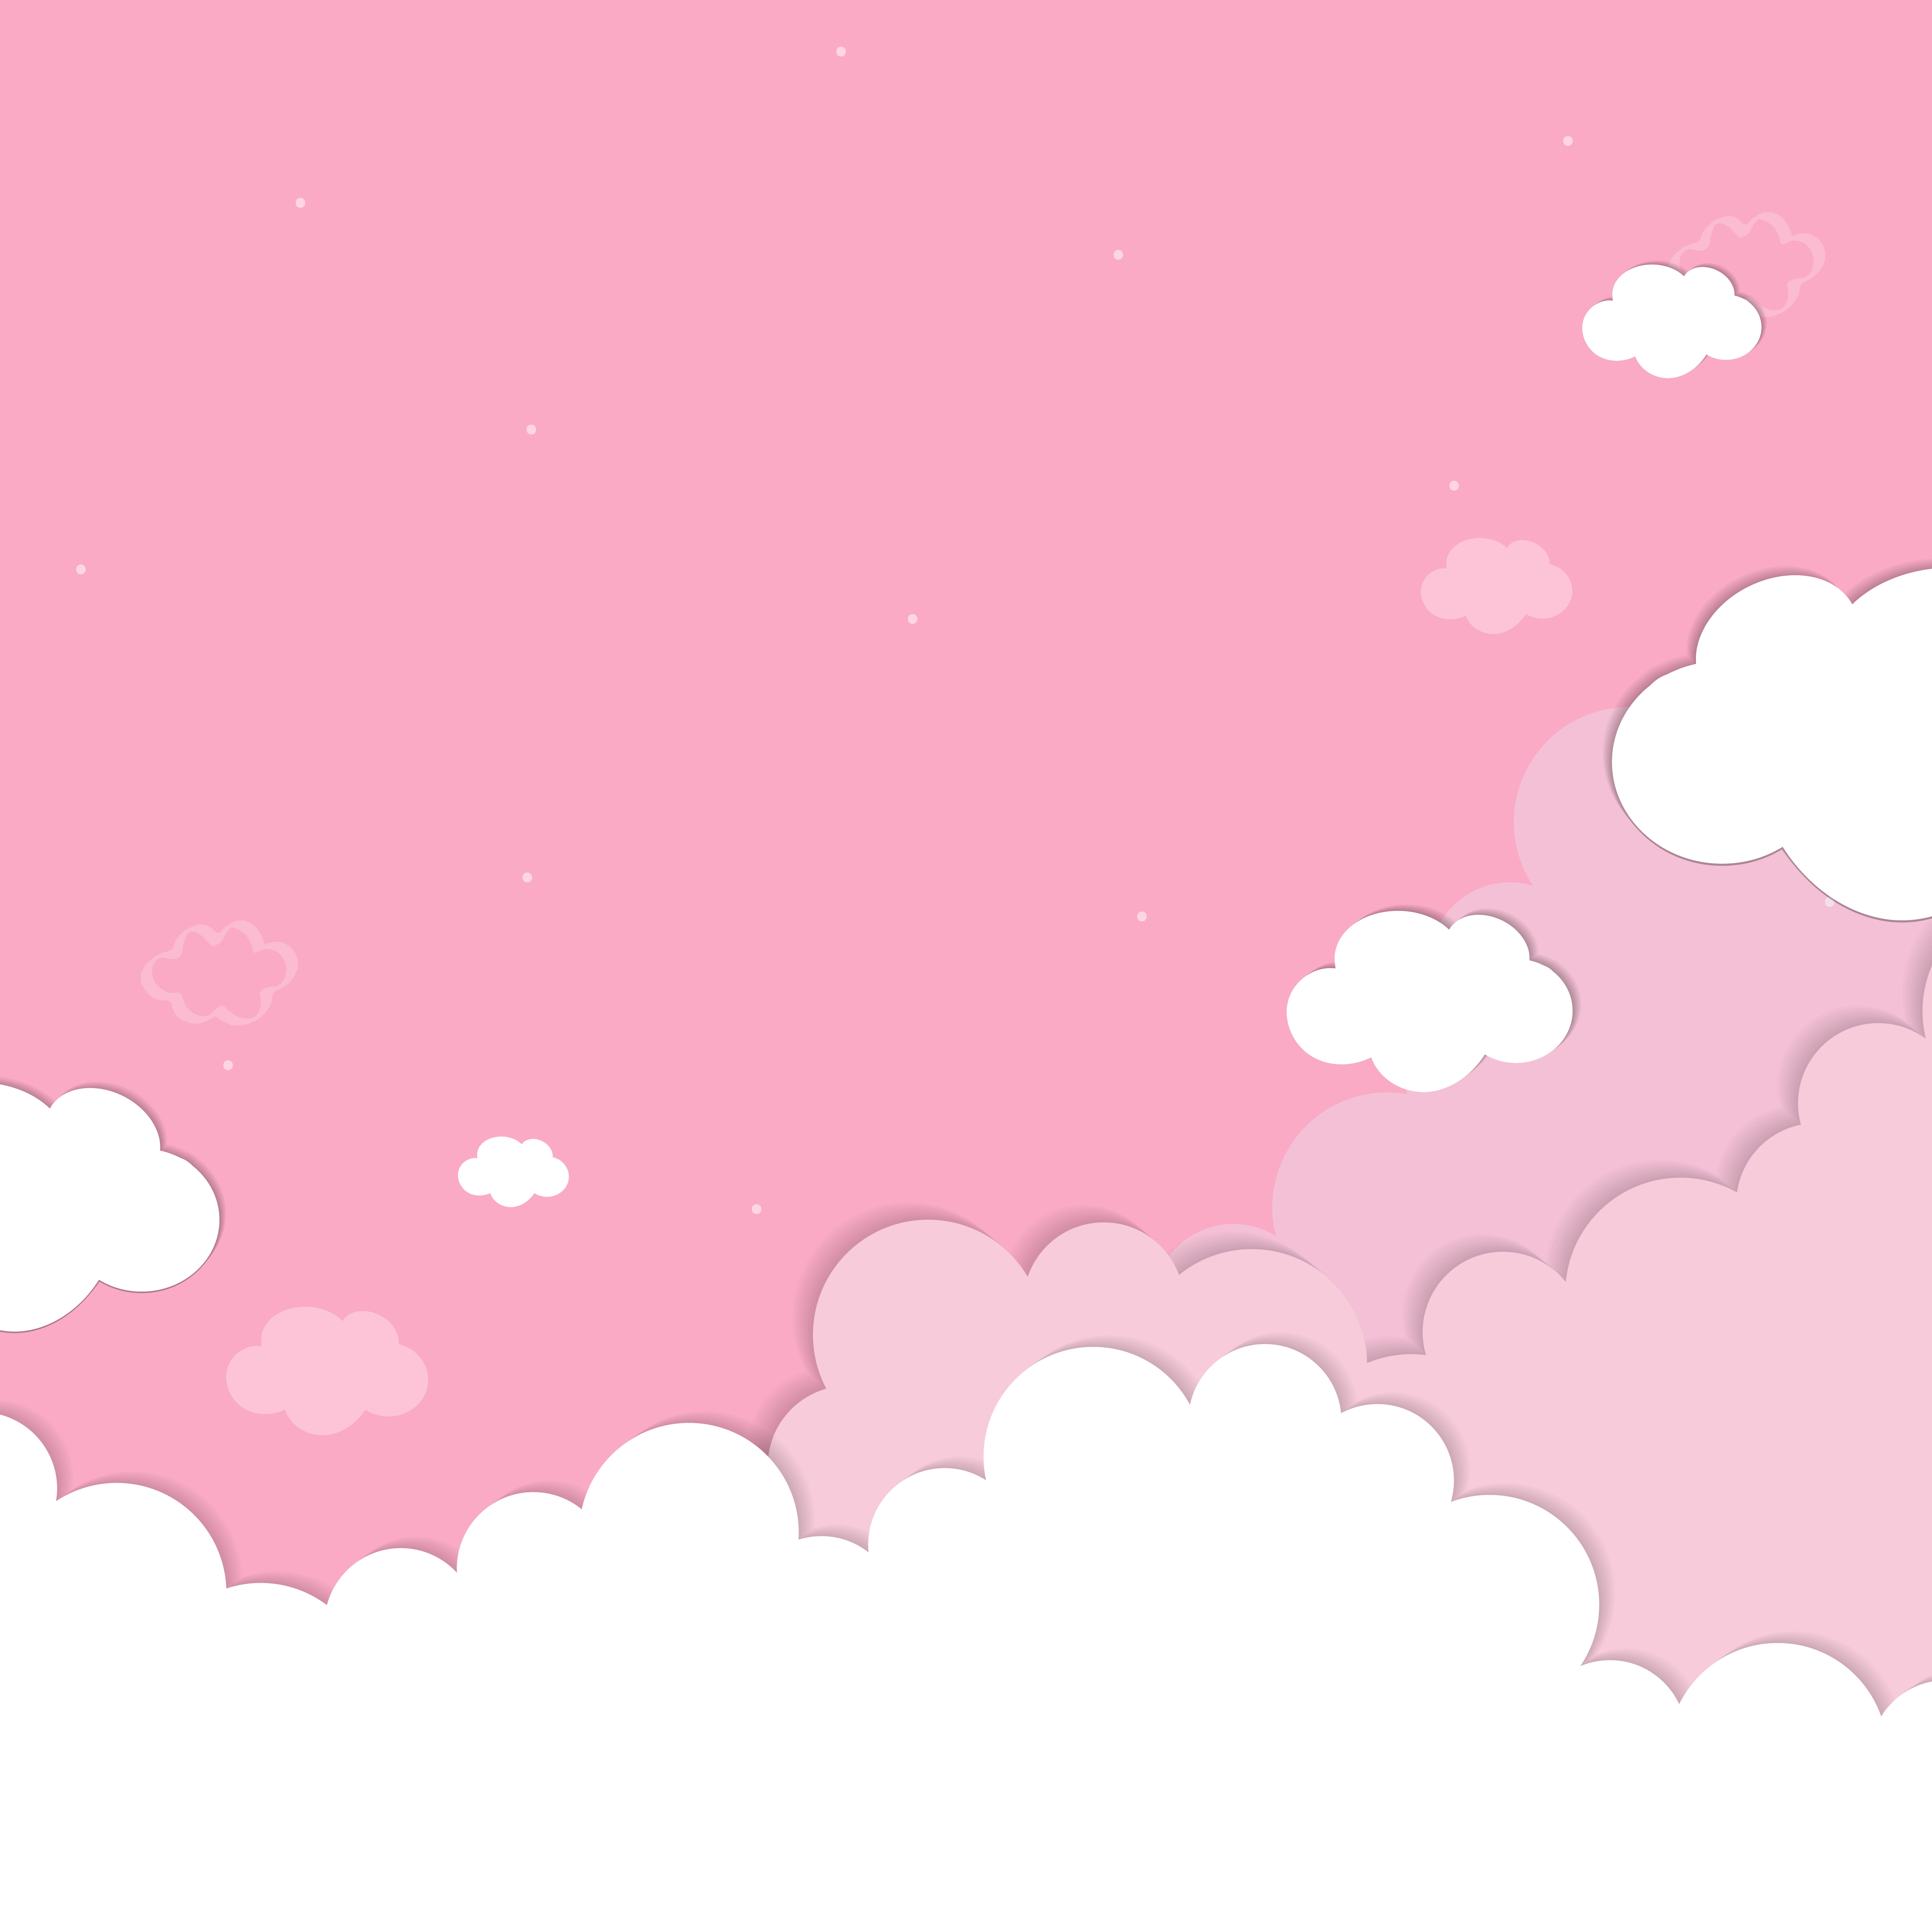 Картинки нарисованных розовых облаков